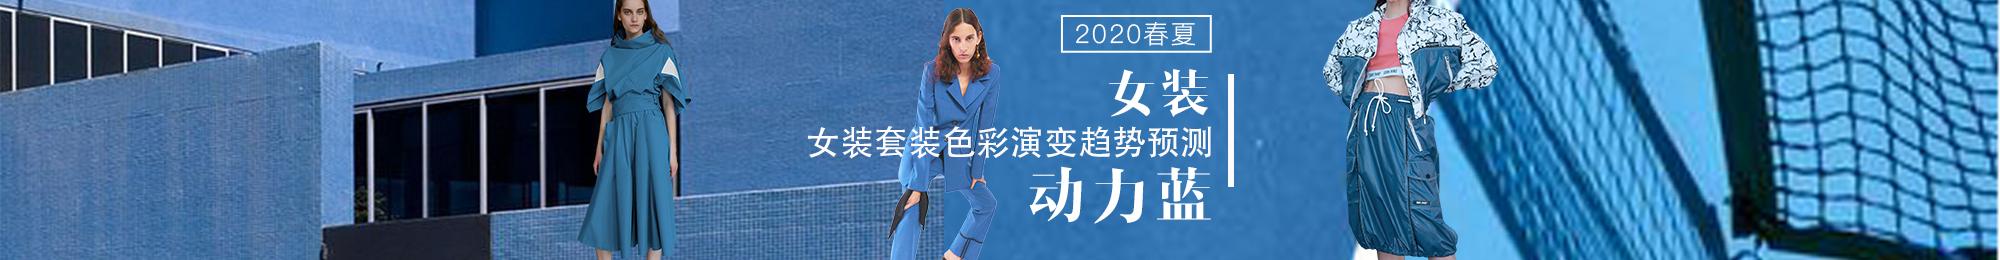 2020春夏女装套装色彩演变趋势预测--动力蓝